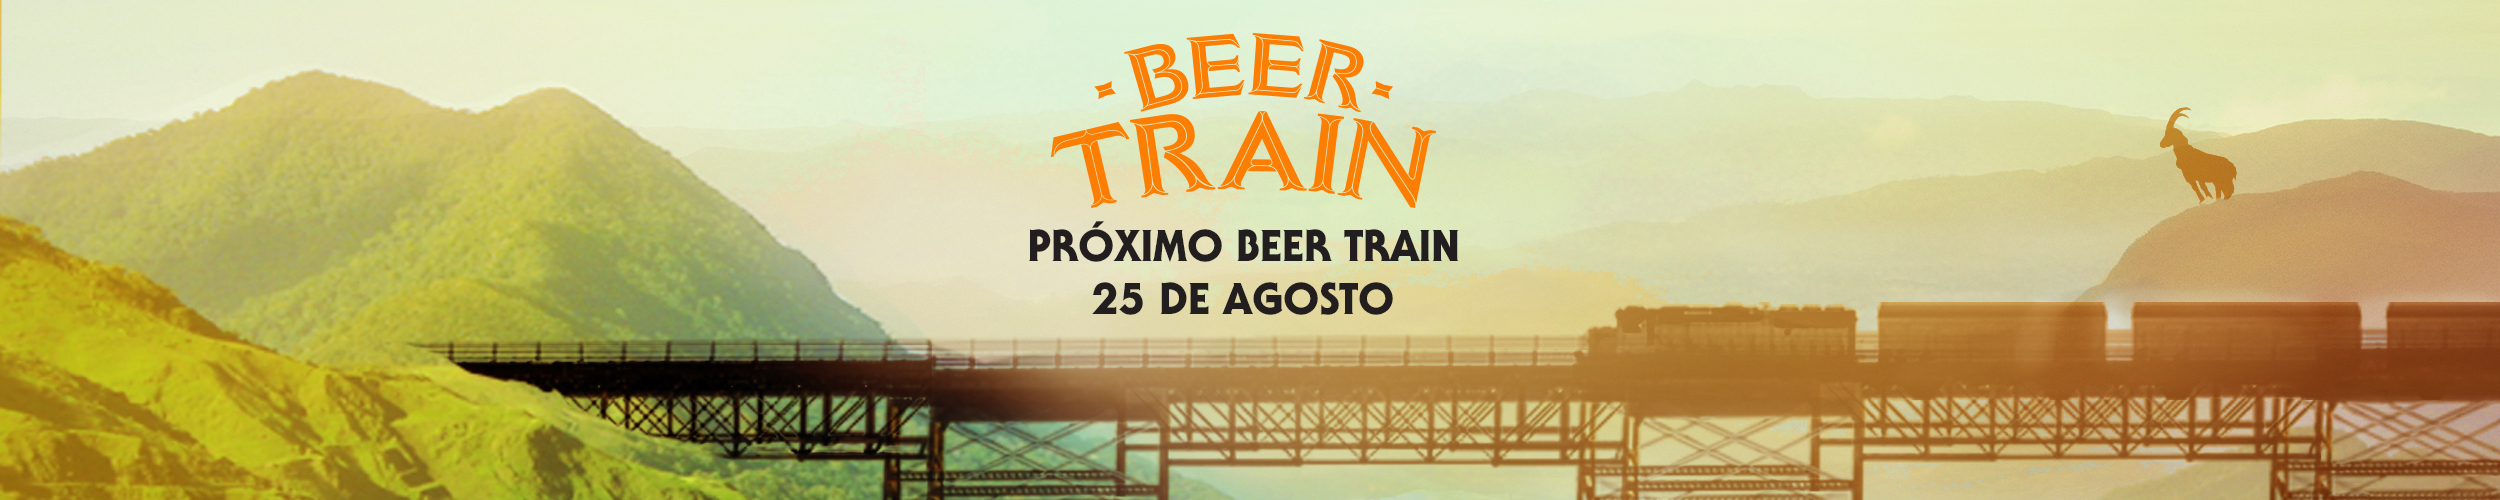 BeerTrain